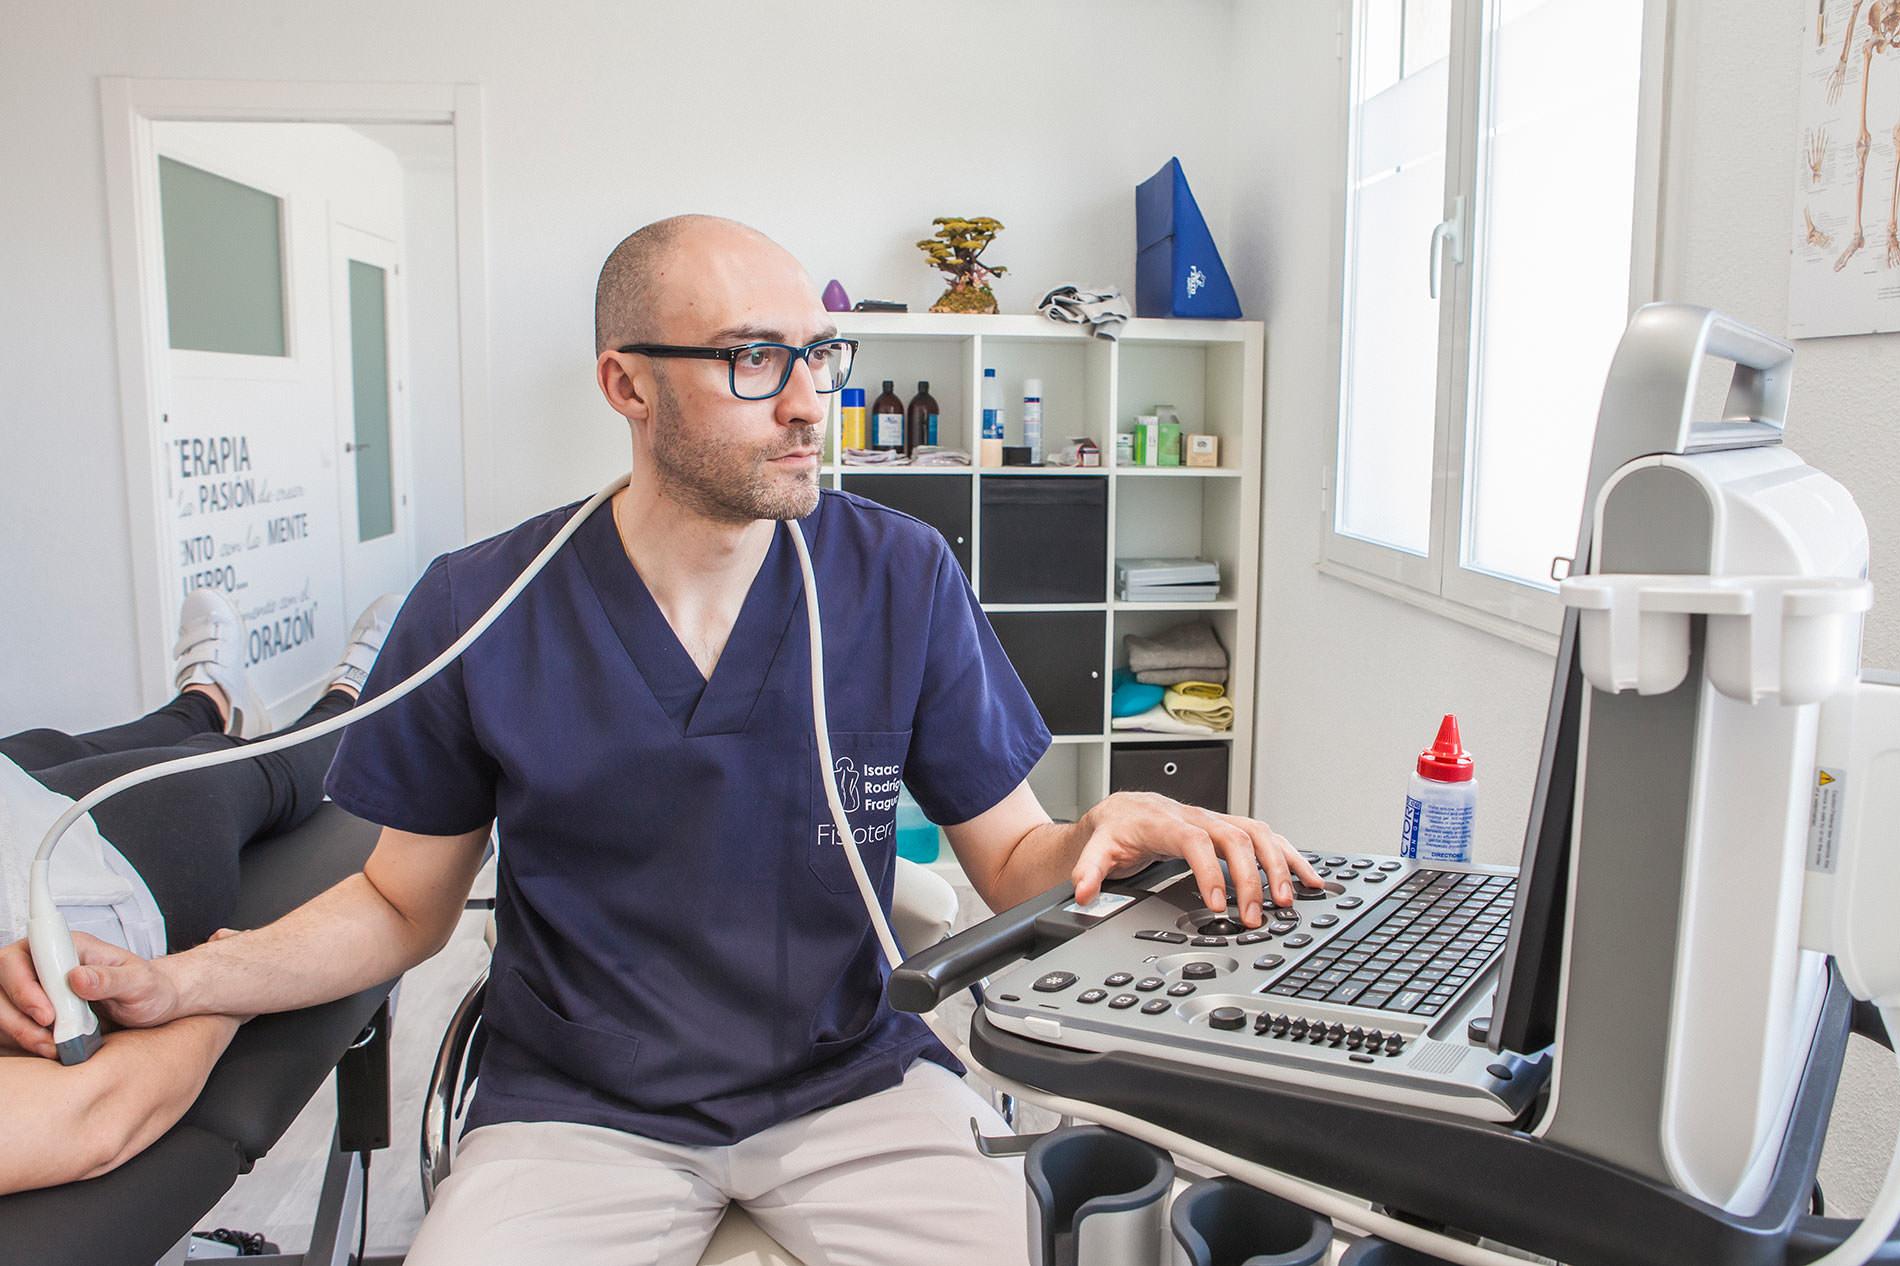 Centro de Fisioterapia Isaac Rodríguez Fragua